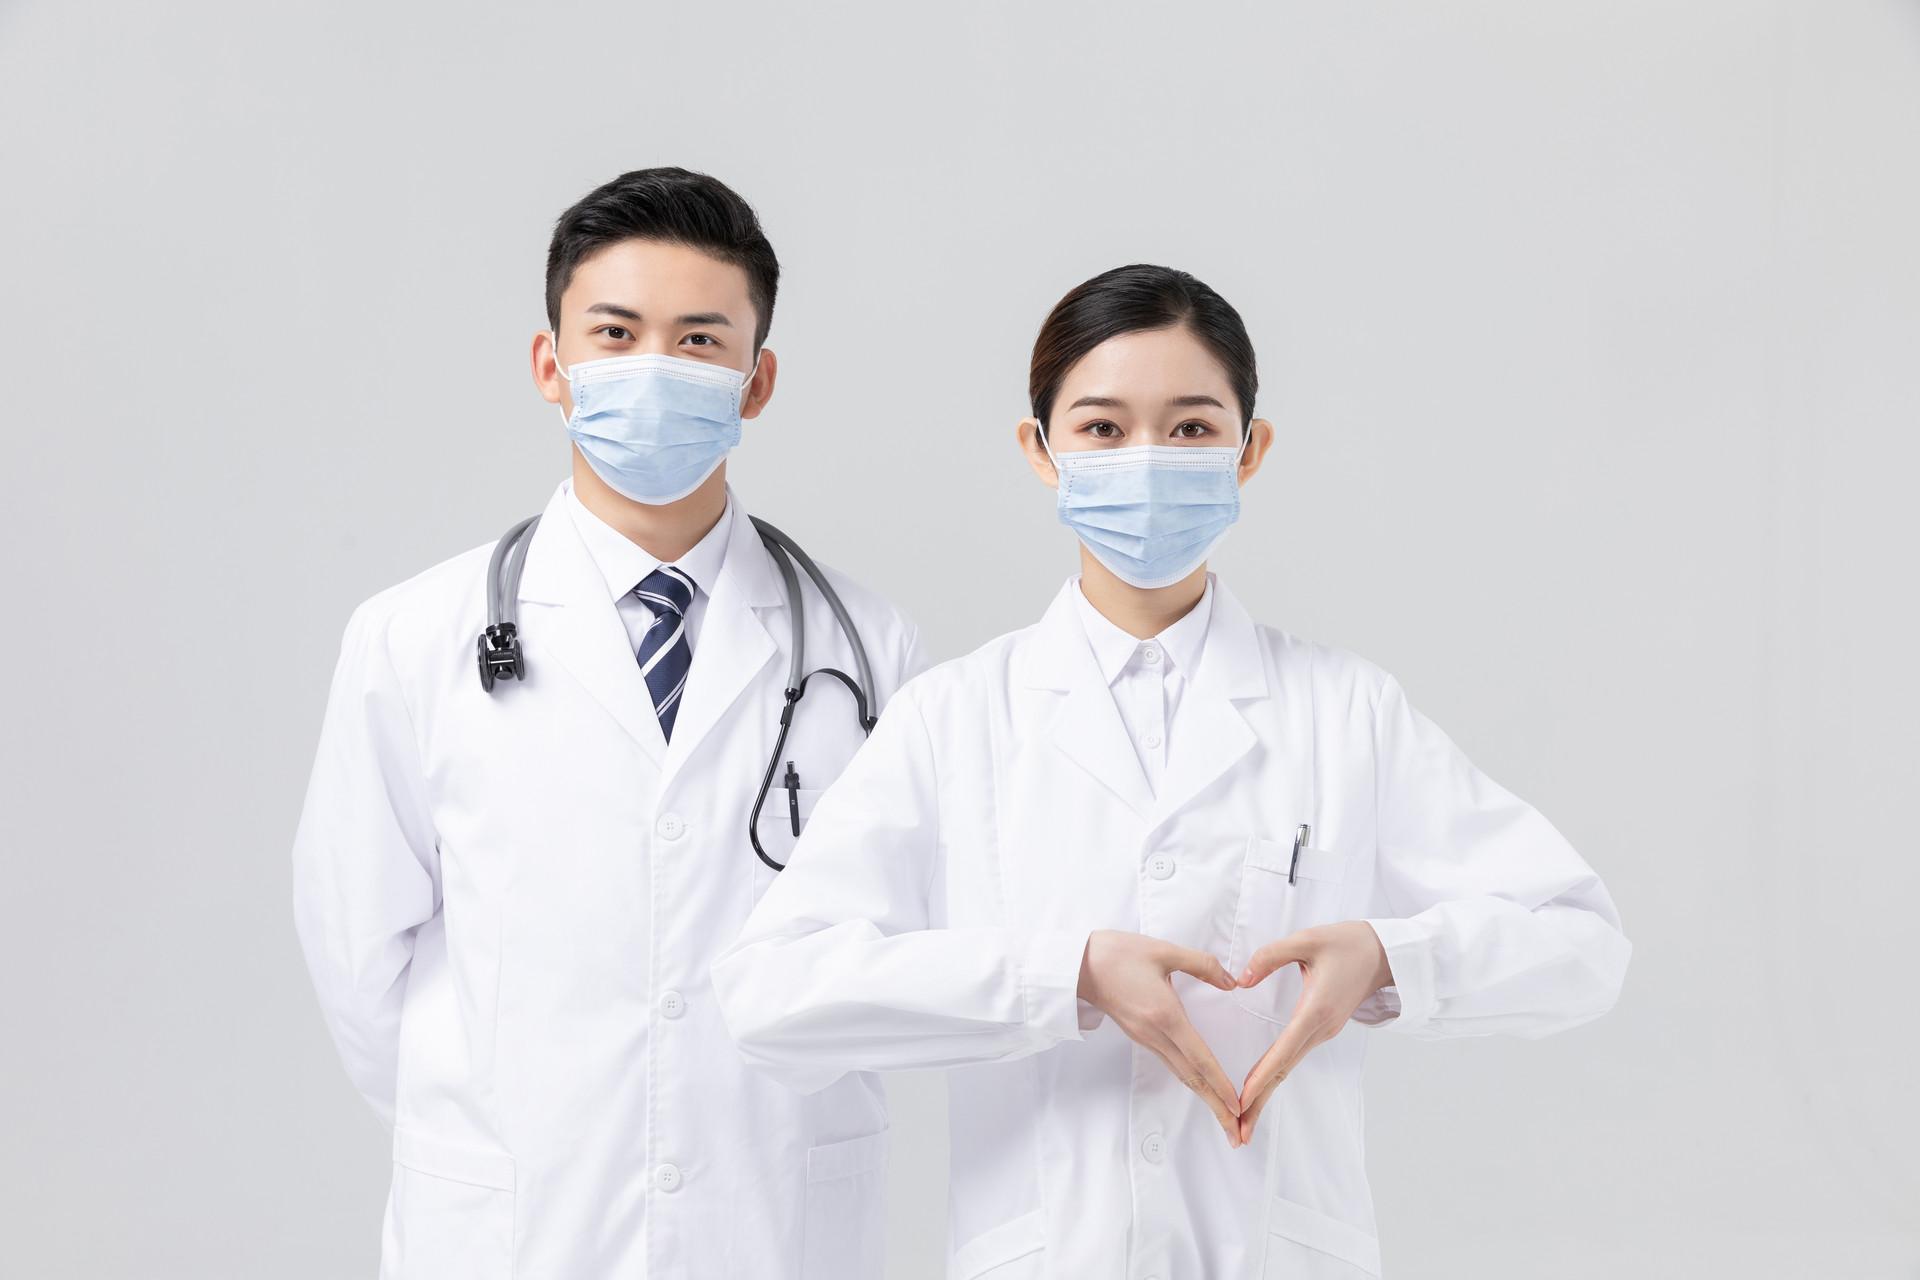 大额医疗保险属于基础保险还是商业险?